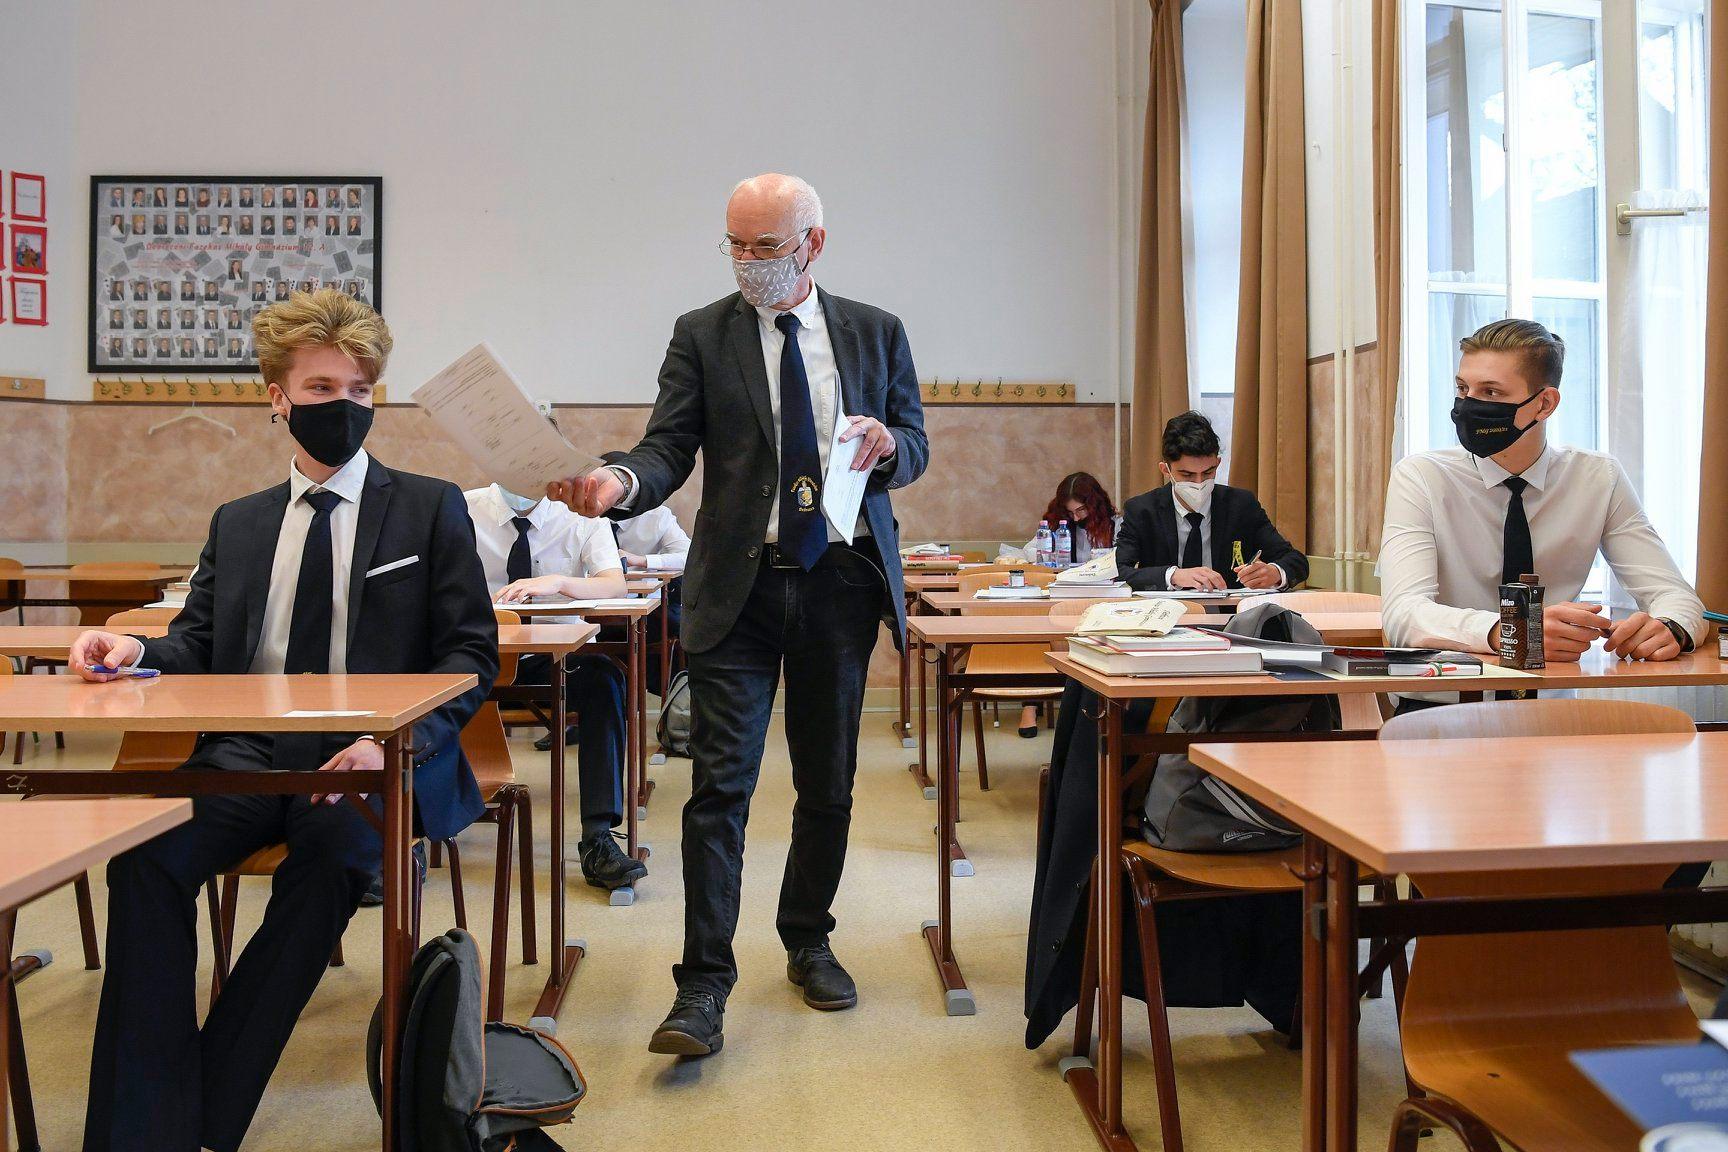 Hungary teacher difficulty